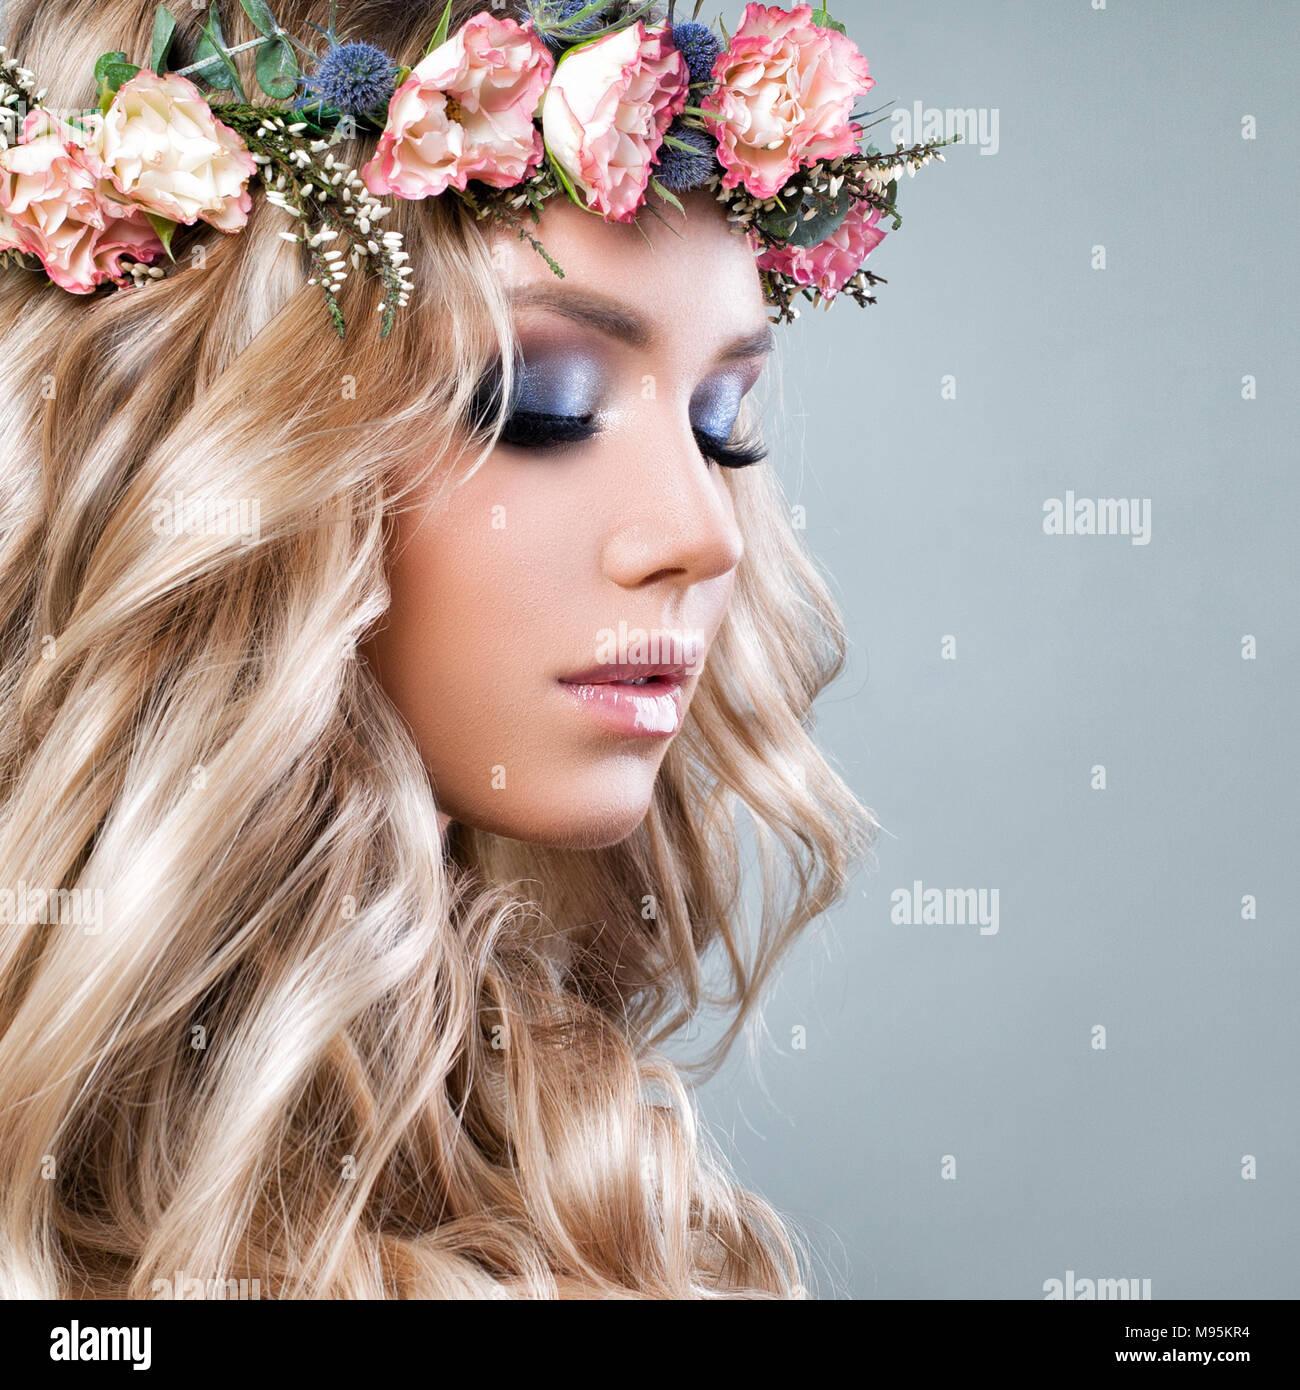 Bella donna estate con fiori di colore rosa. Bionda bellezza. Lunga permed  capelli ricci e il trucco di moda. Bellezza ragazza con fiori acconciatura 9f4909ee89aa